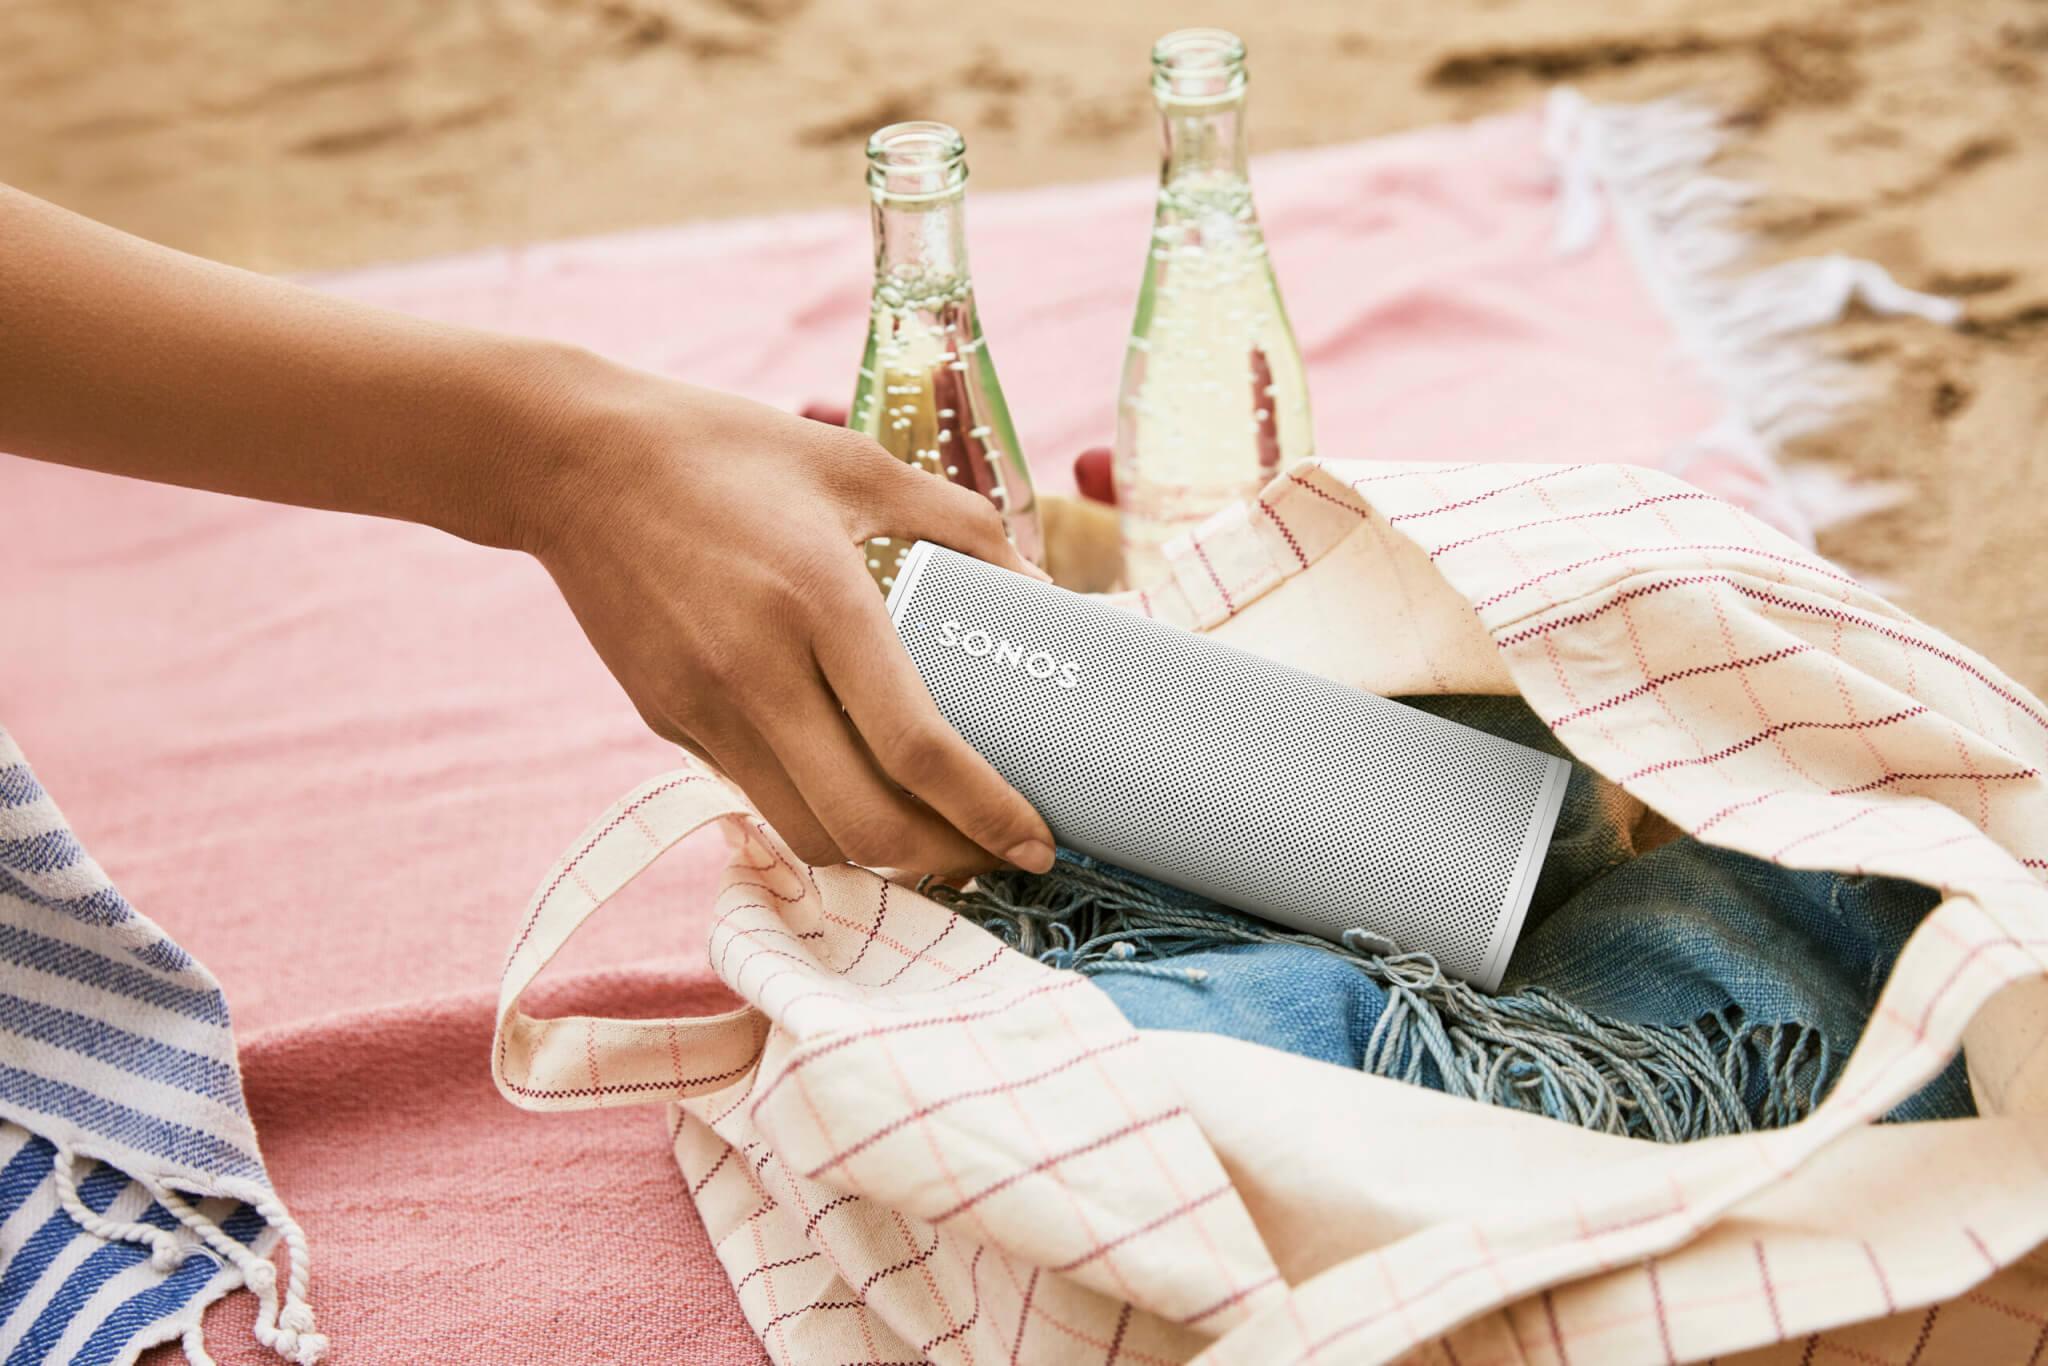 Sonos Roam Mobile Speaker Image 2